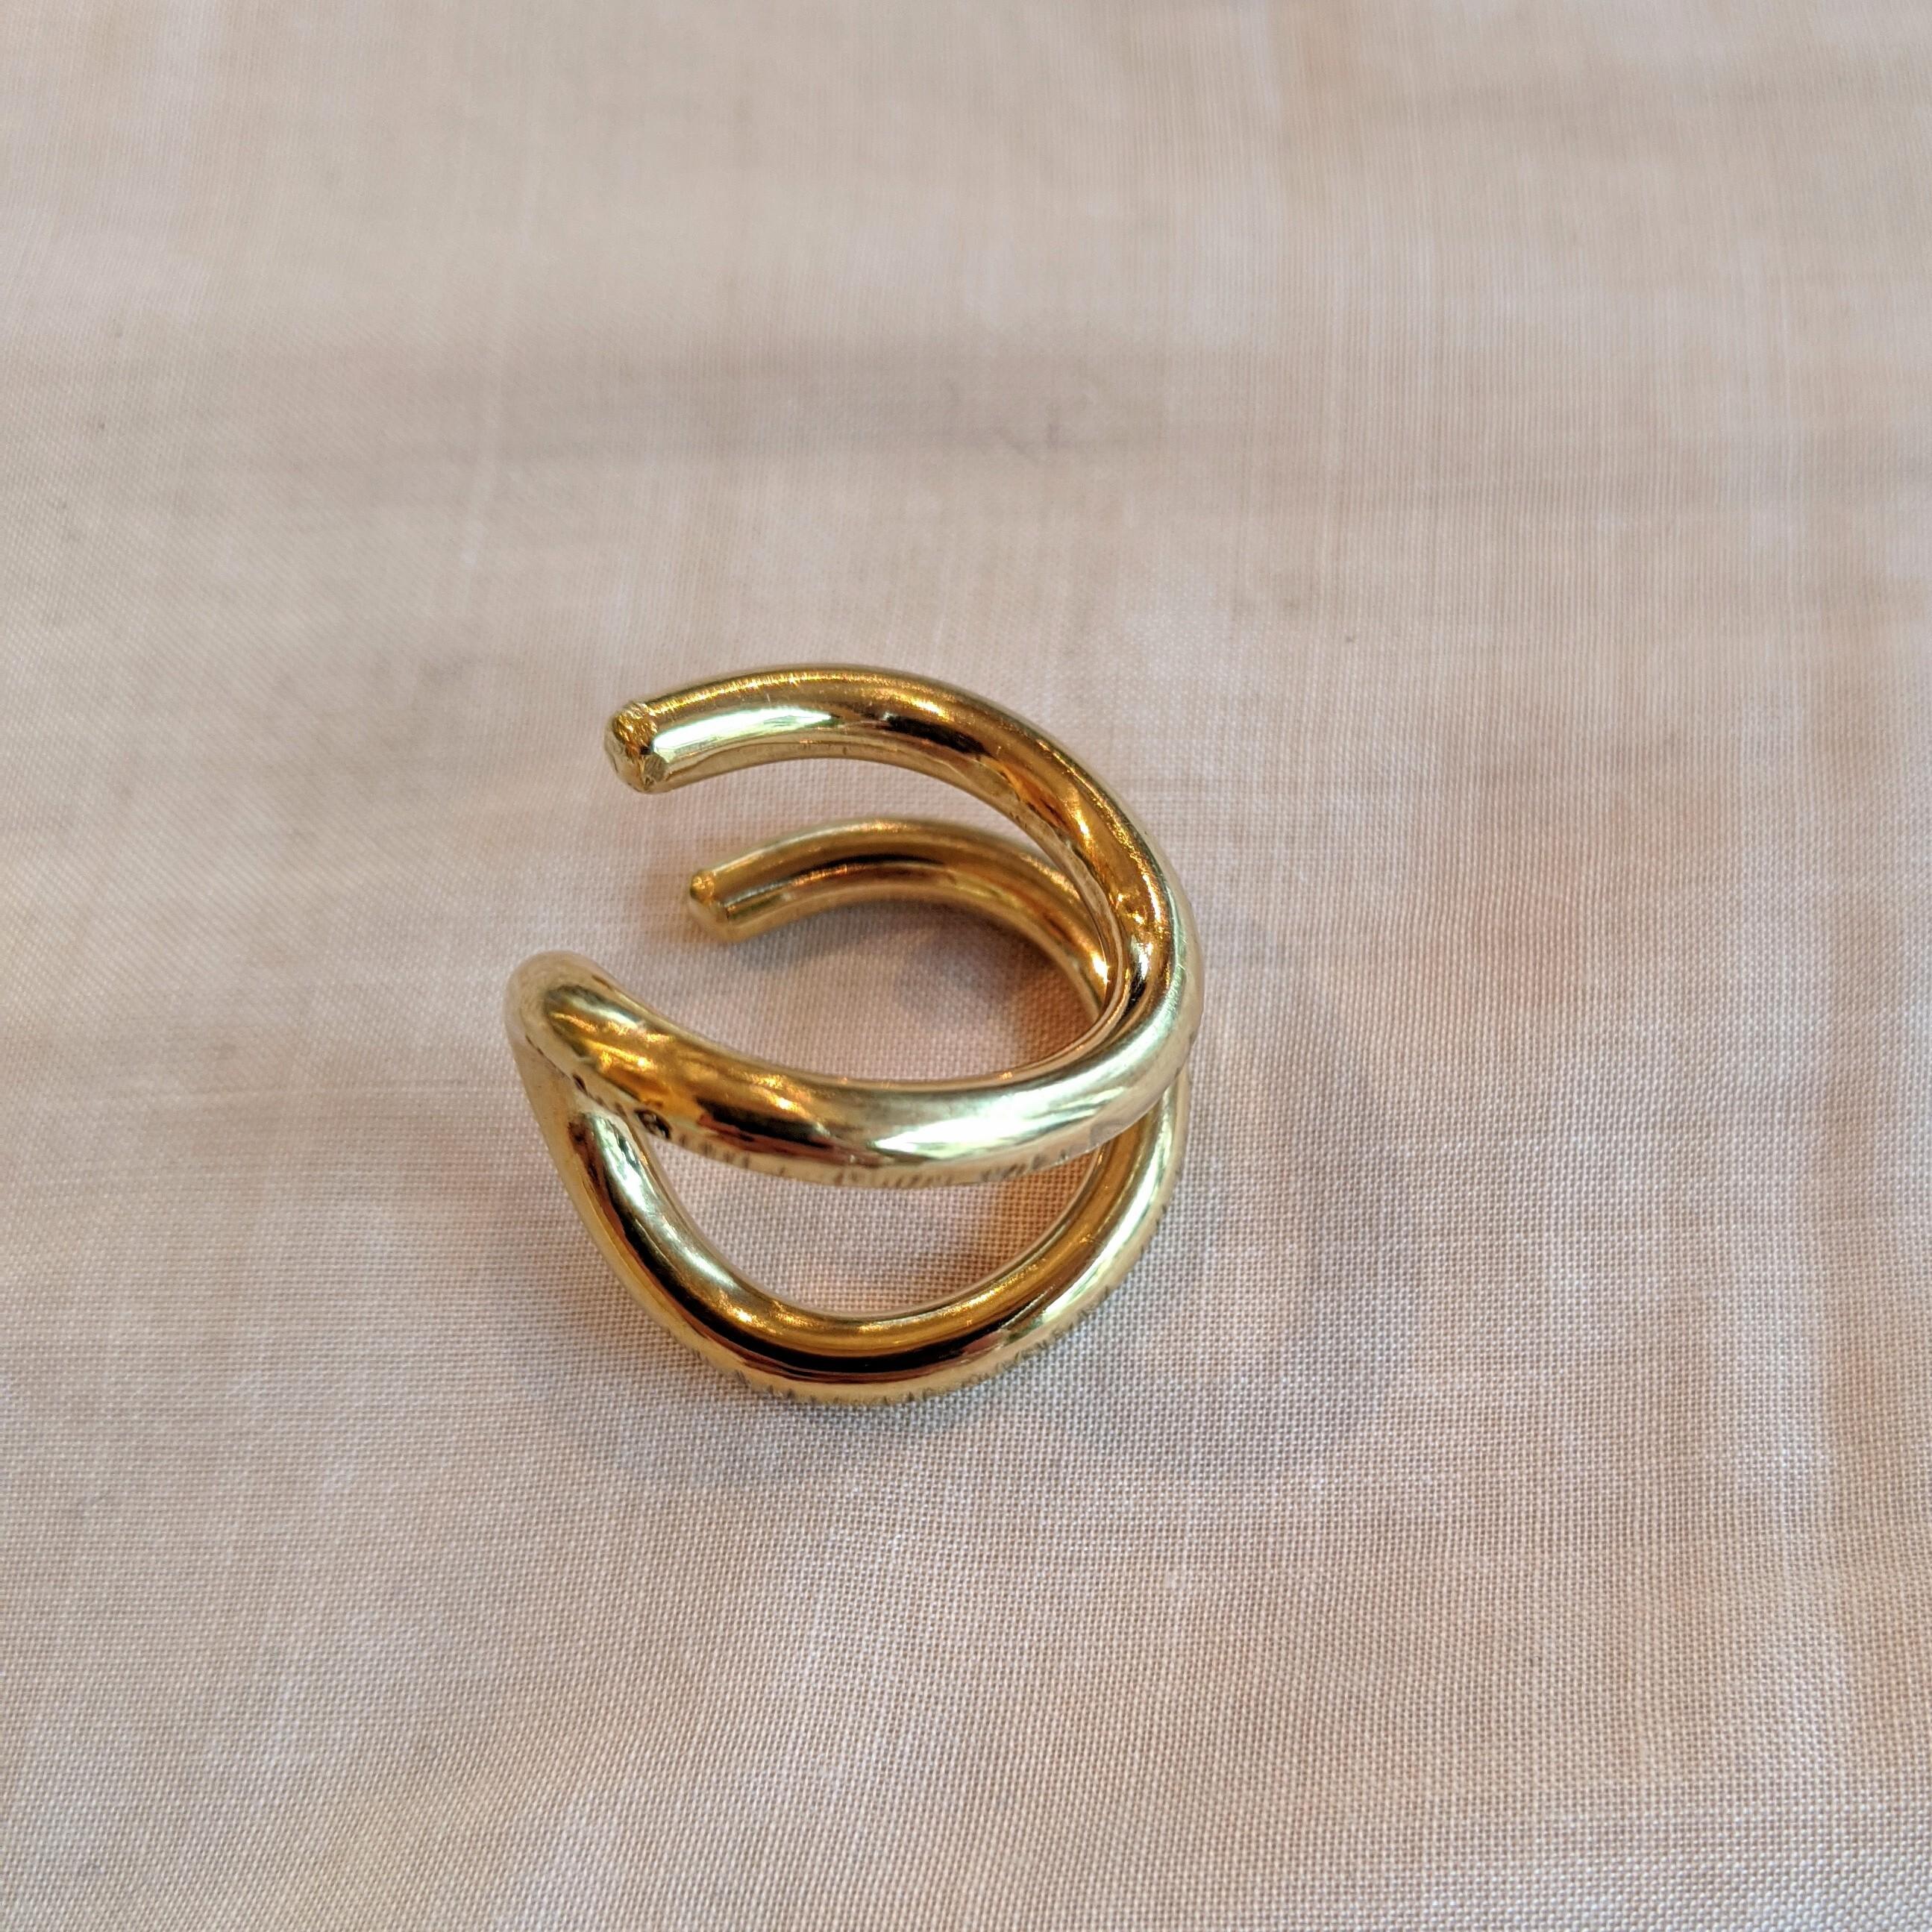 【 jomathwich 】brass ring / P-84 真鍮リング/ 指輪 13号サイズ